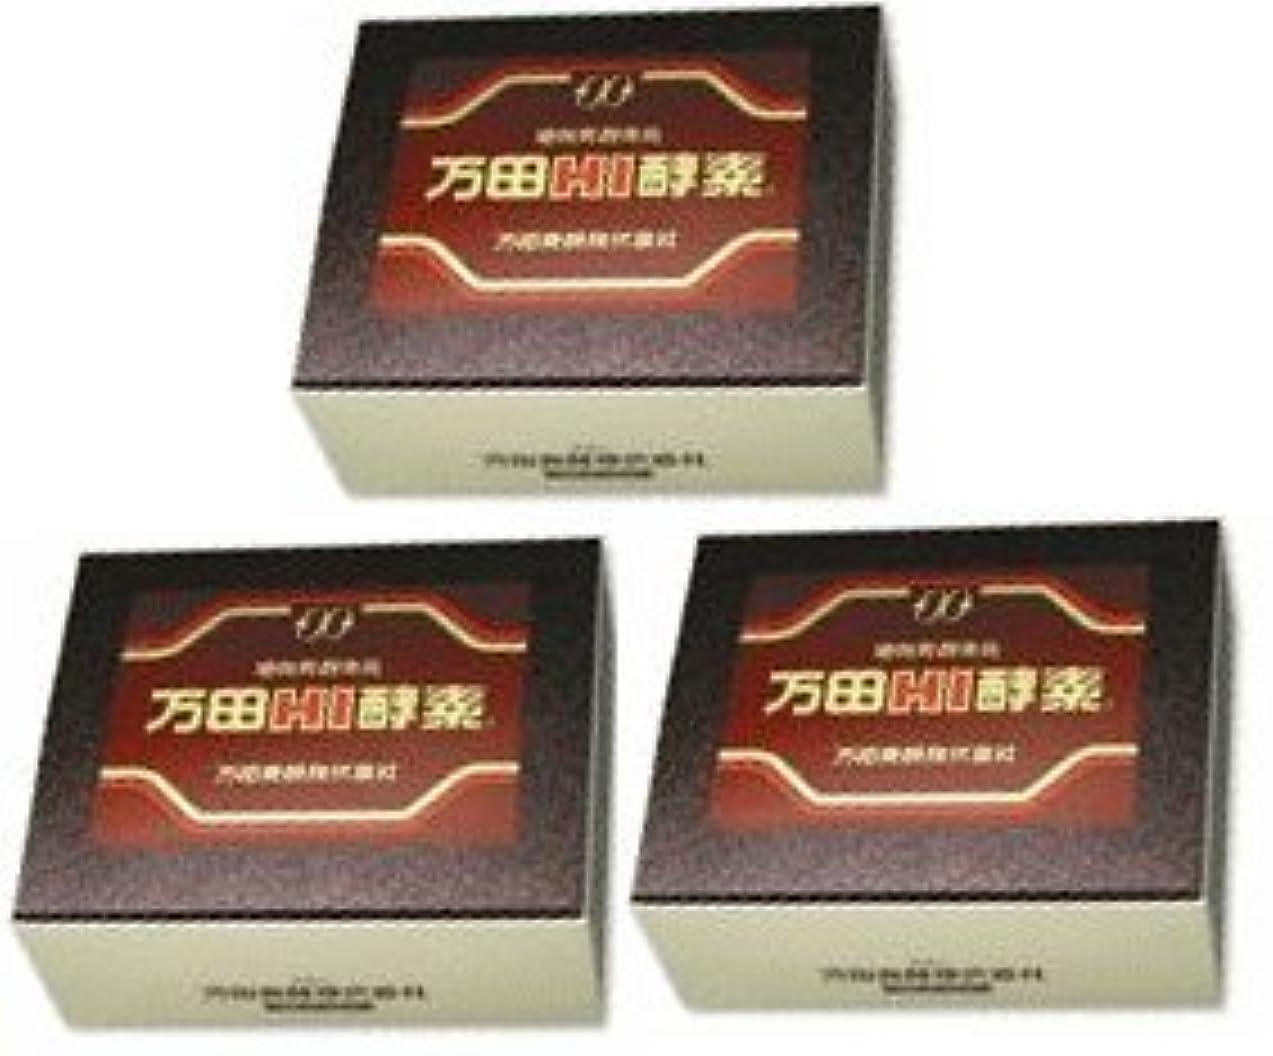 居間犠牲細断万田HI酵素分包タイプ 150g(2.5g×60包)3箱セット